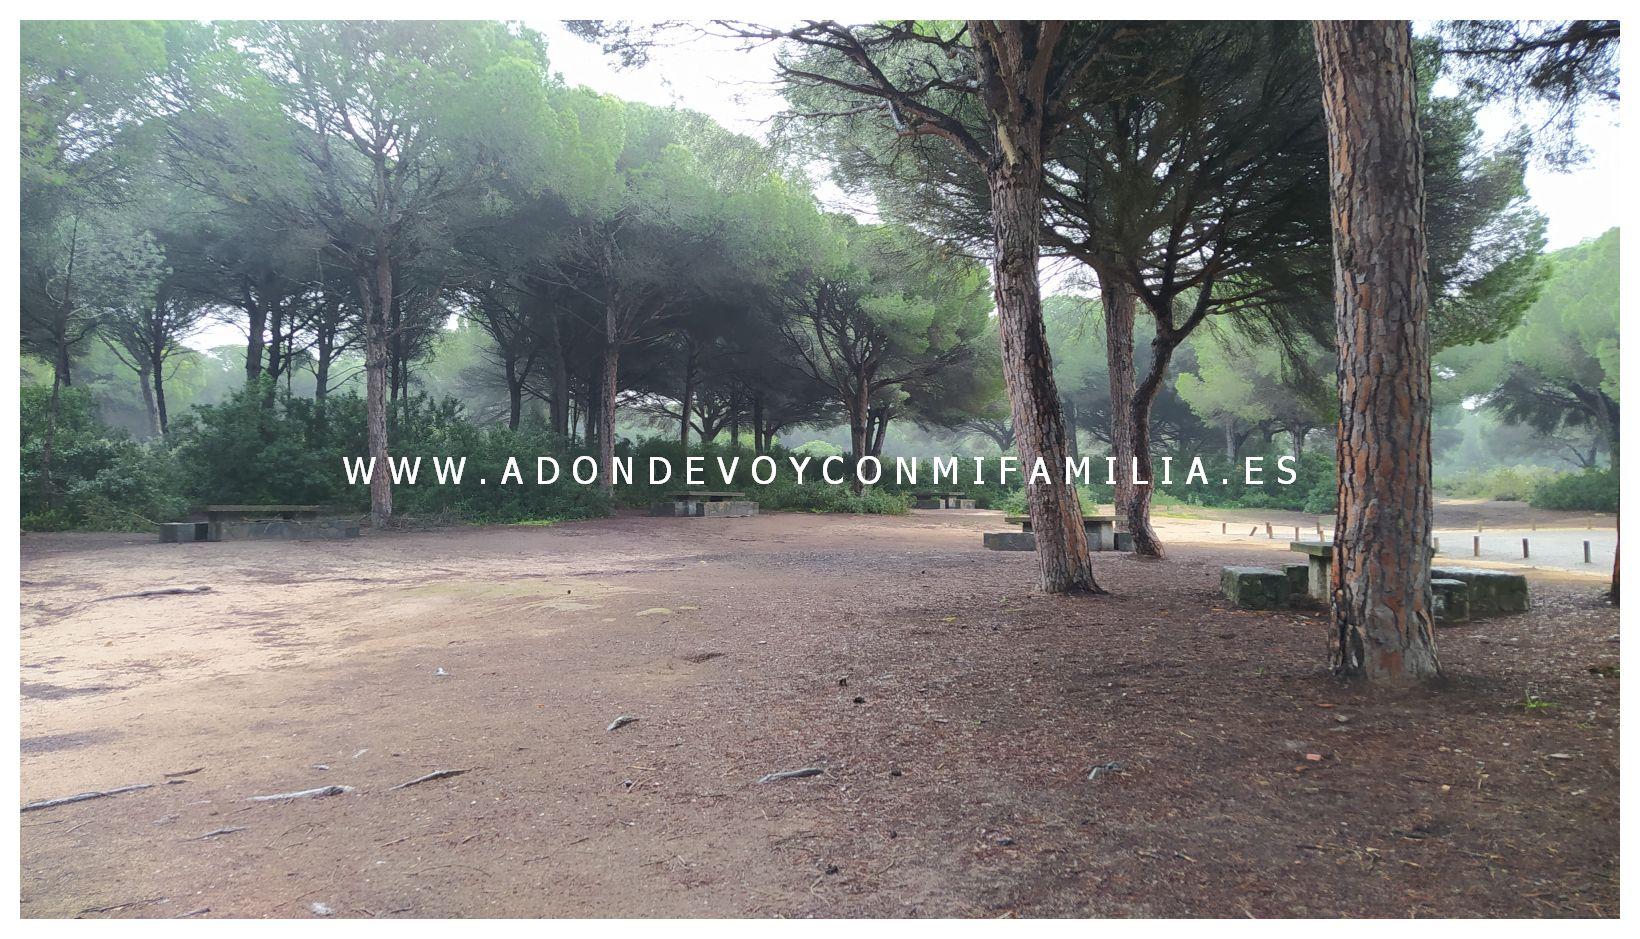 area recreativa dehesa de las yeguas adondevoyconmifamilia 02